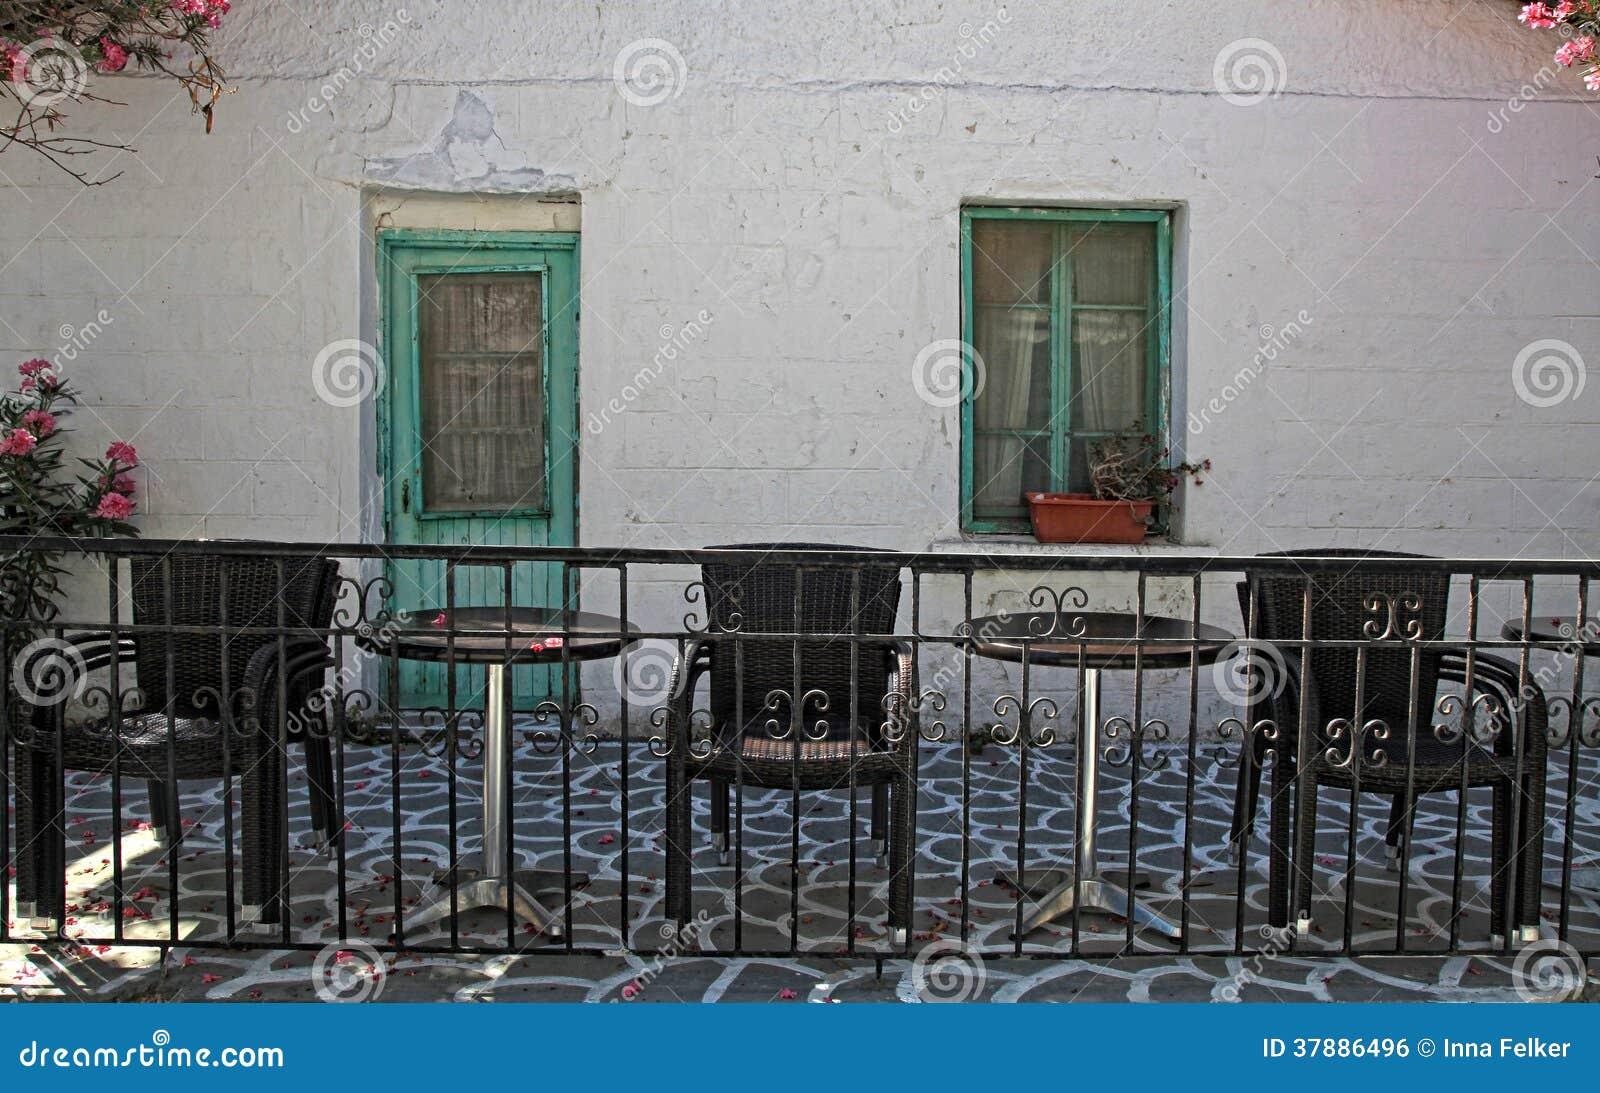 Oud huis met terras en meubilair, Griekse eilanden